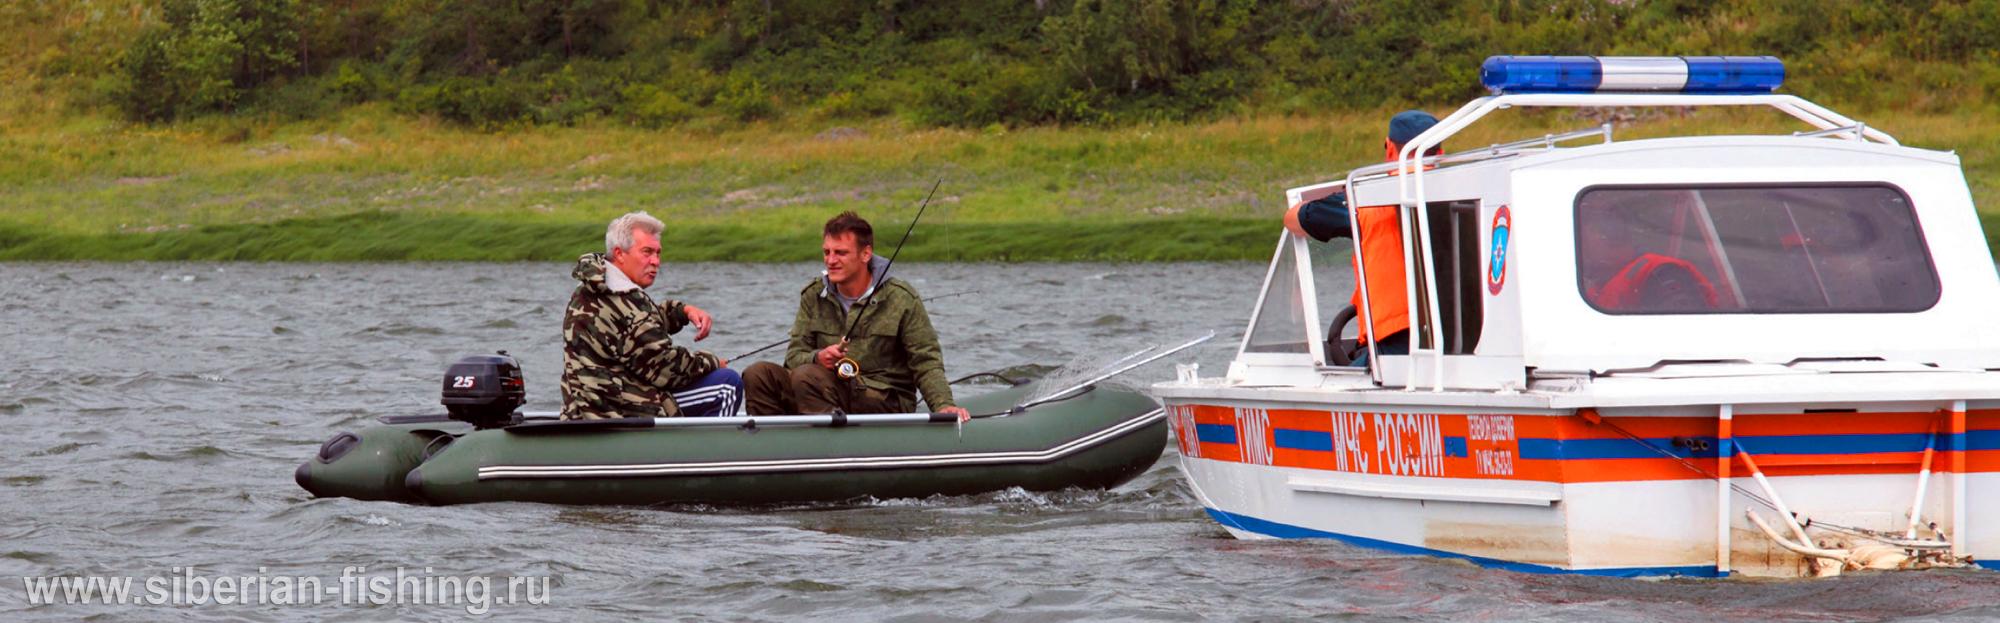 какой штраф за лодку без документов